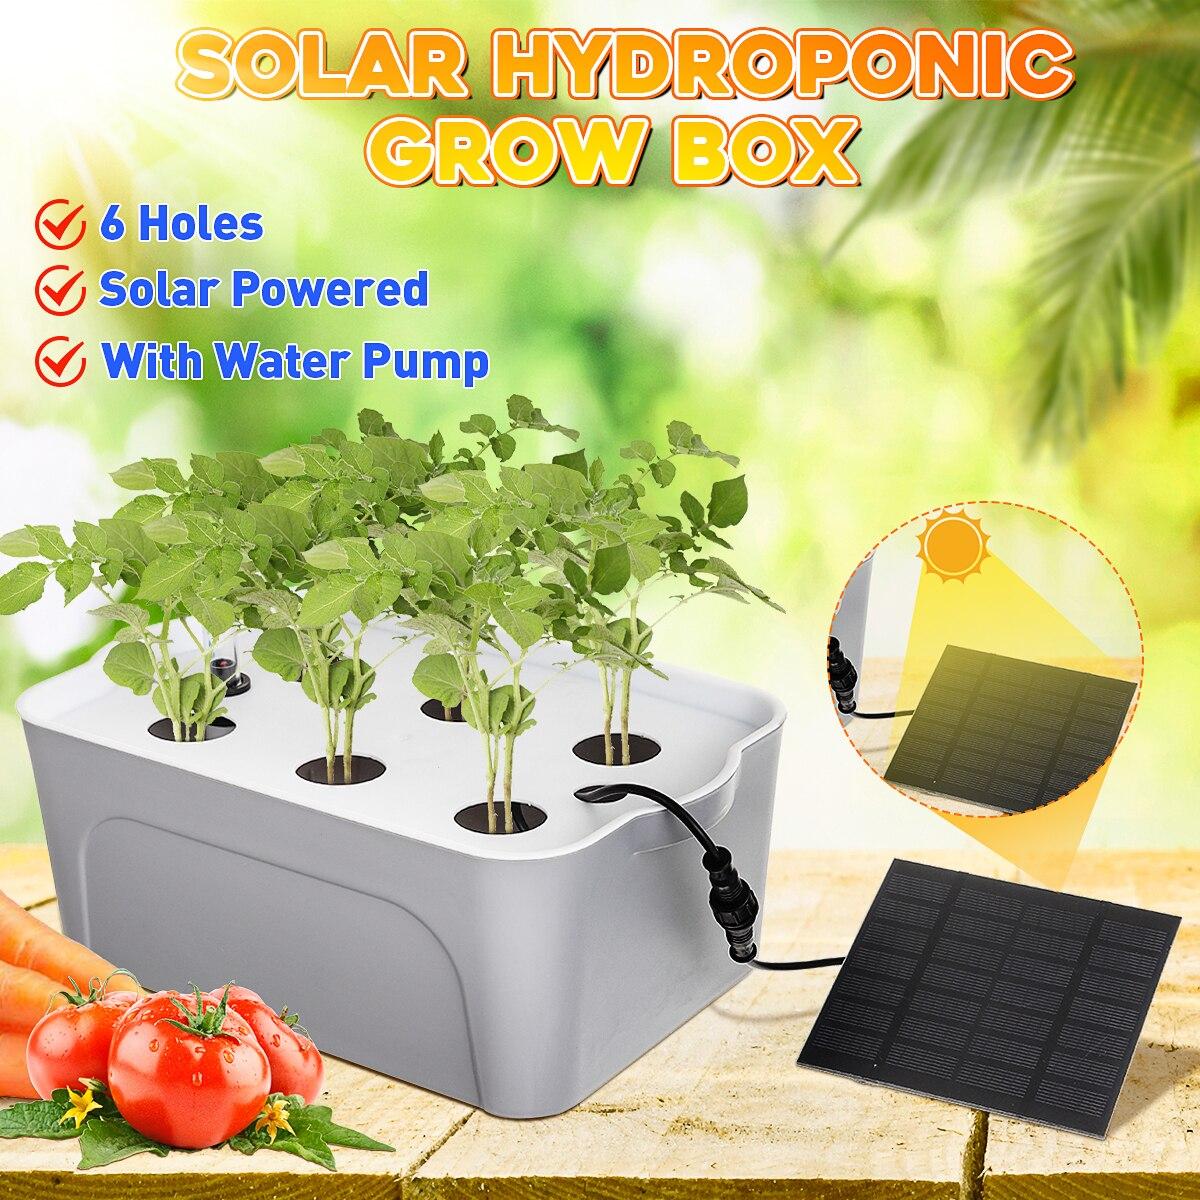 Jardim 6 buracos solar hidropônico plantio plantio de vegetais plantador de plantas kit caixa crescer planta planta bomba de água varanda berçário pote